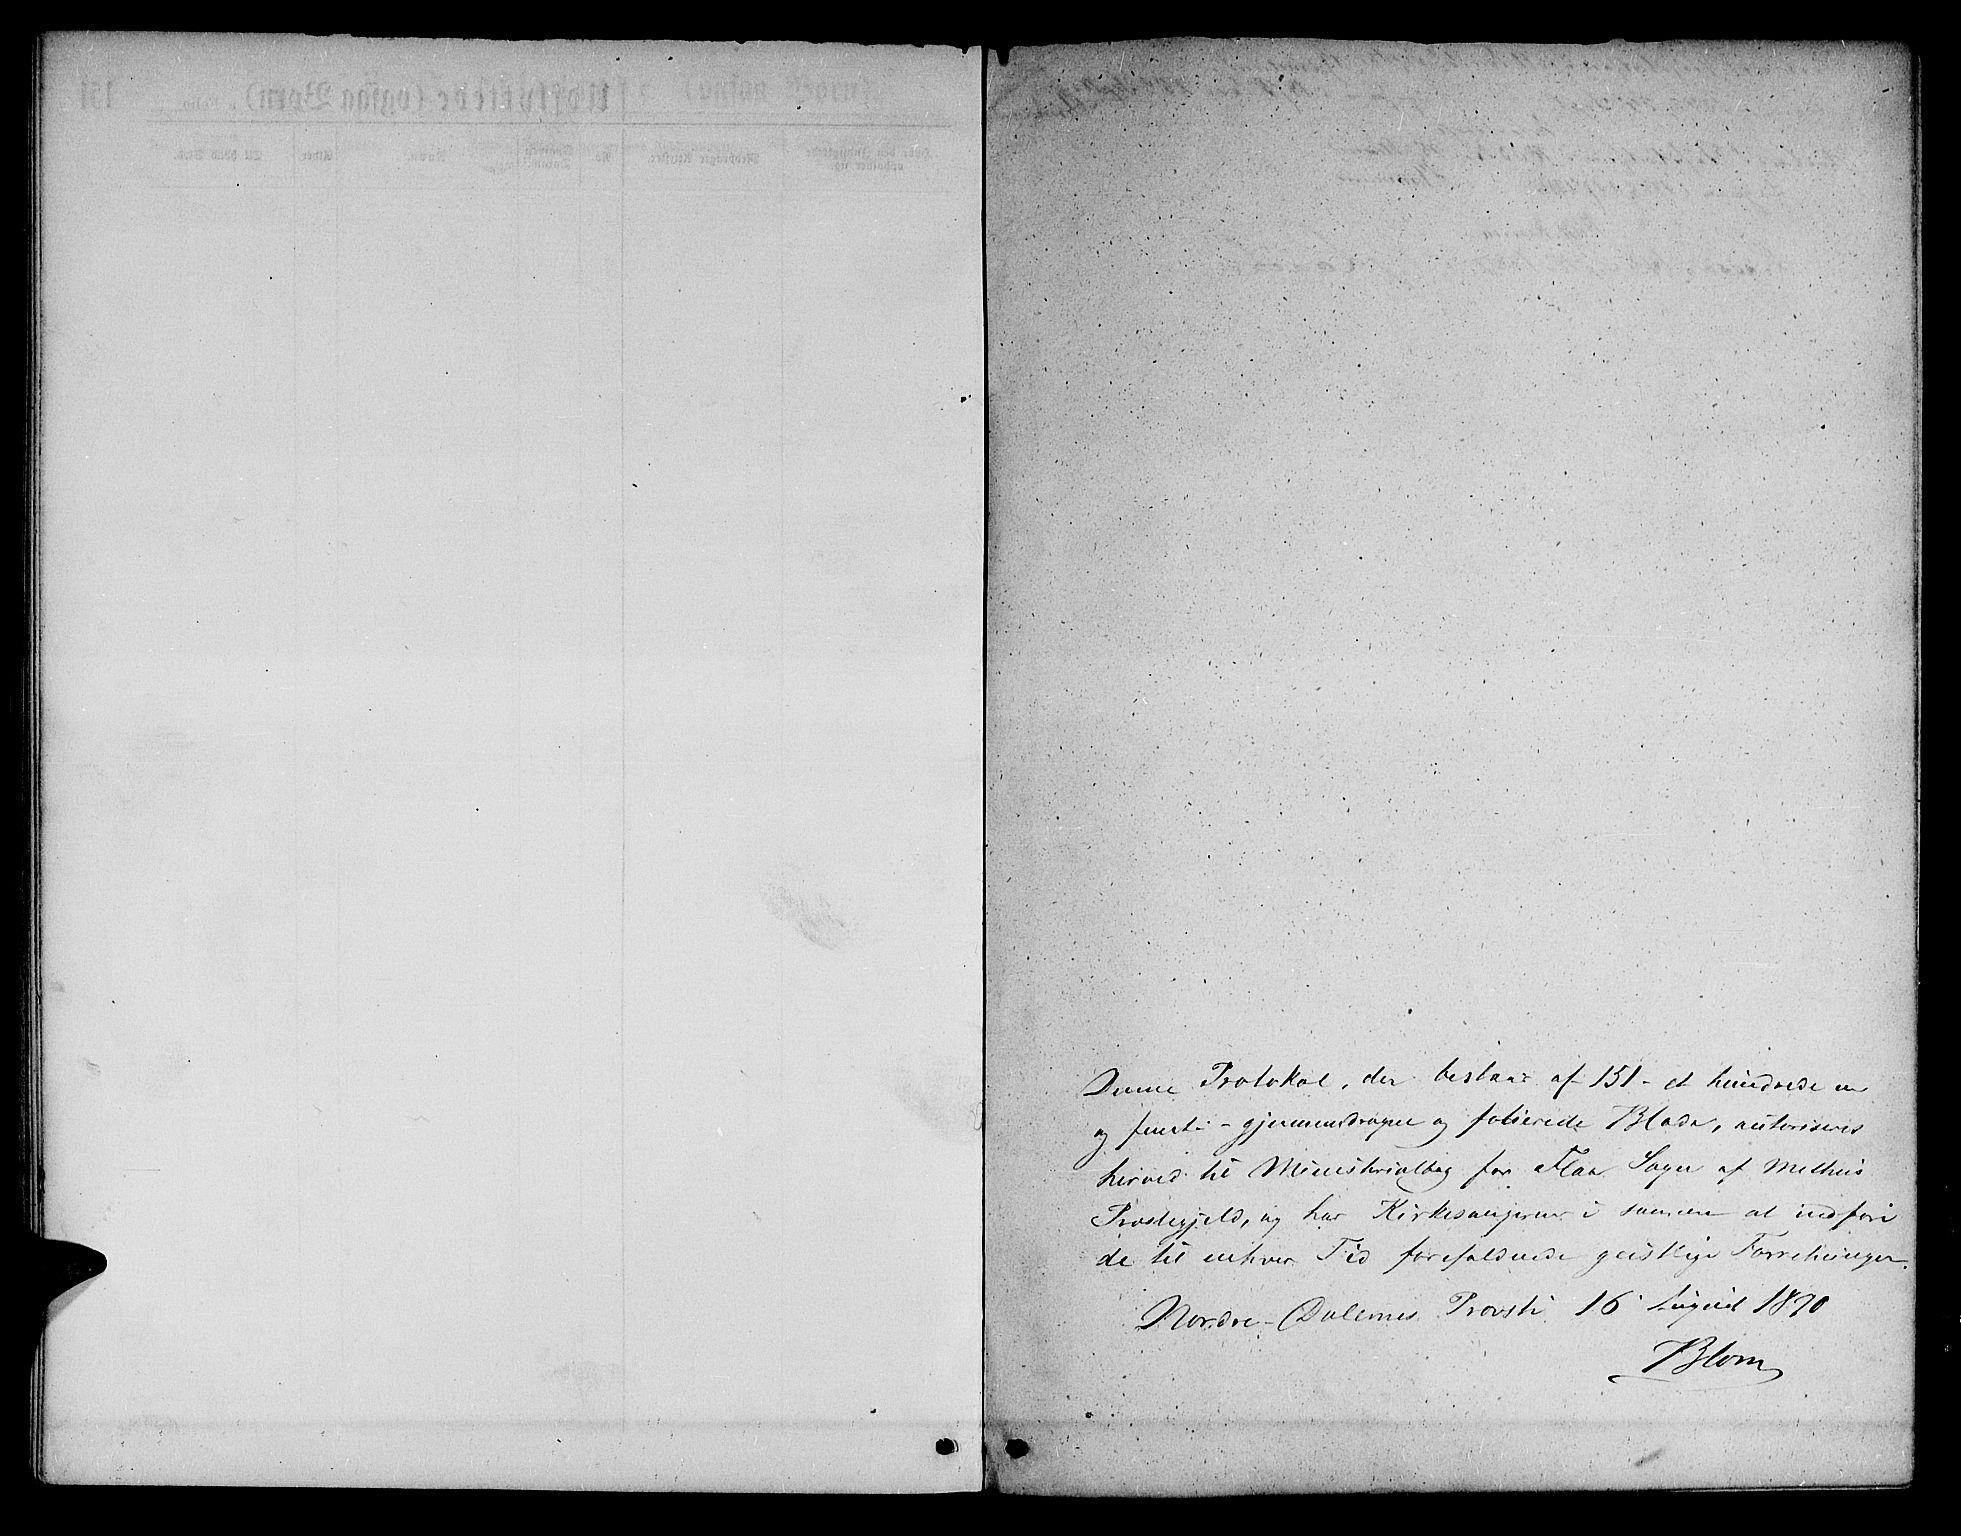 SAT, Ministerialprotokoller, klokkerbøker og fødselsregistre - Sør-Trøndelag, 693/L1122: Klokkerbok nr. 693C03, 1870-1886